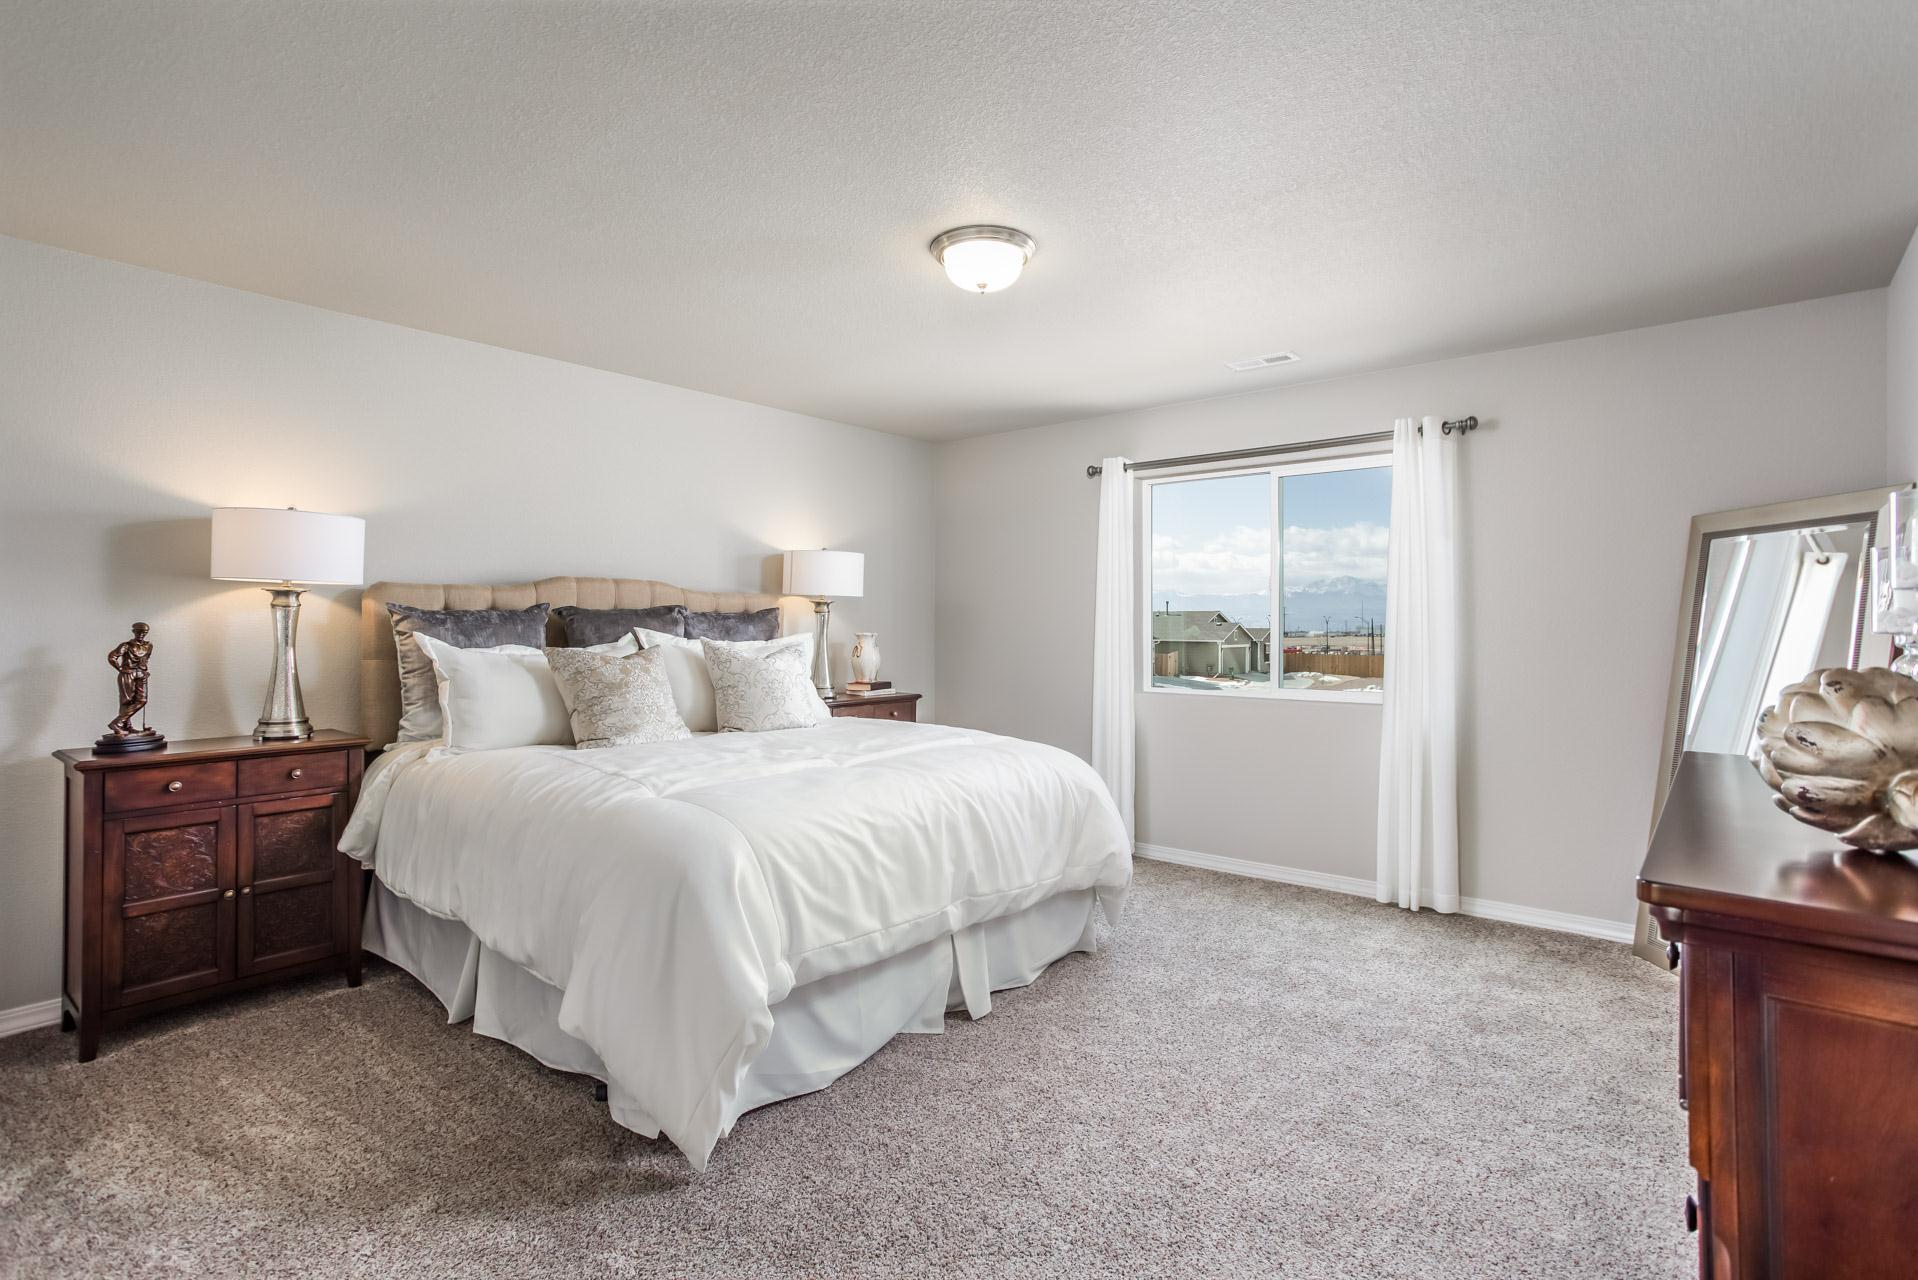 Bedroom featured in the Van Buren By Challenger Homes in Colorado Springs, CO